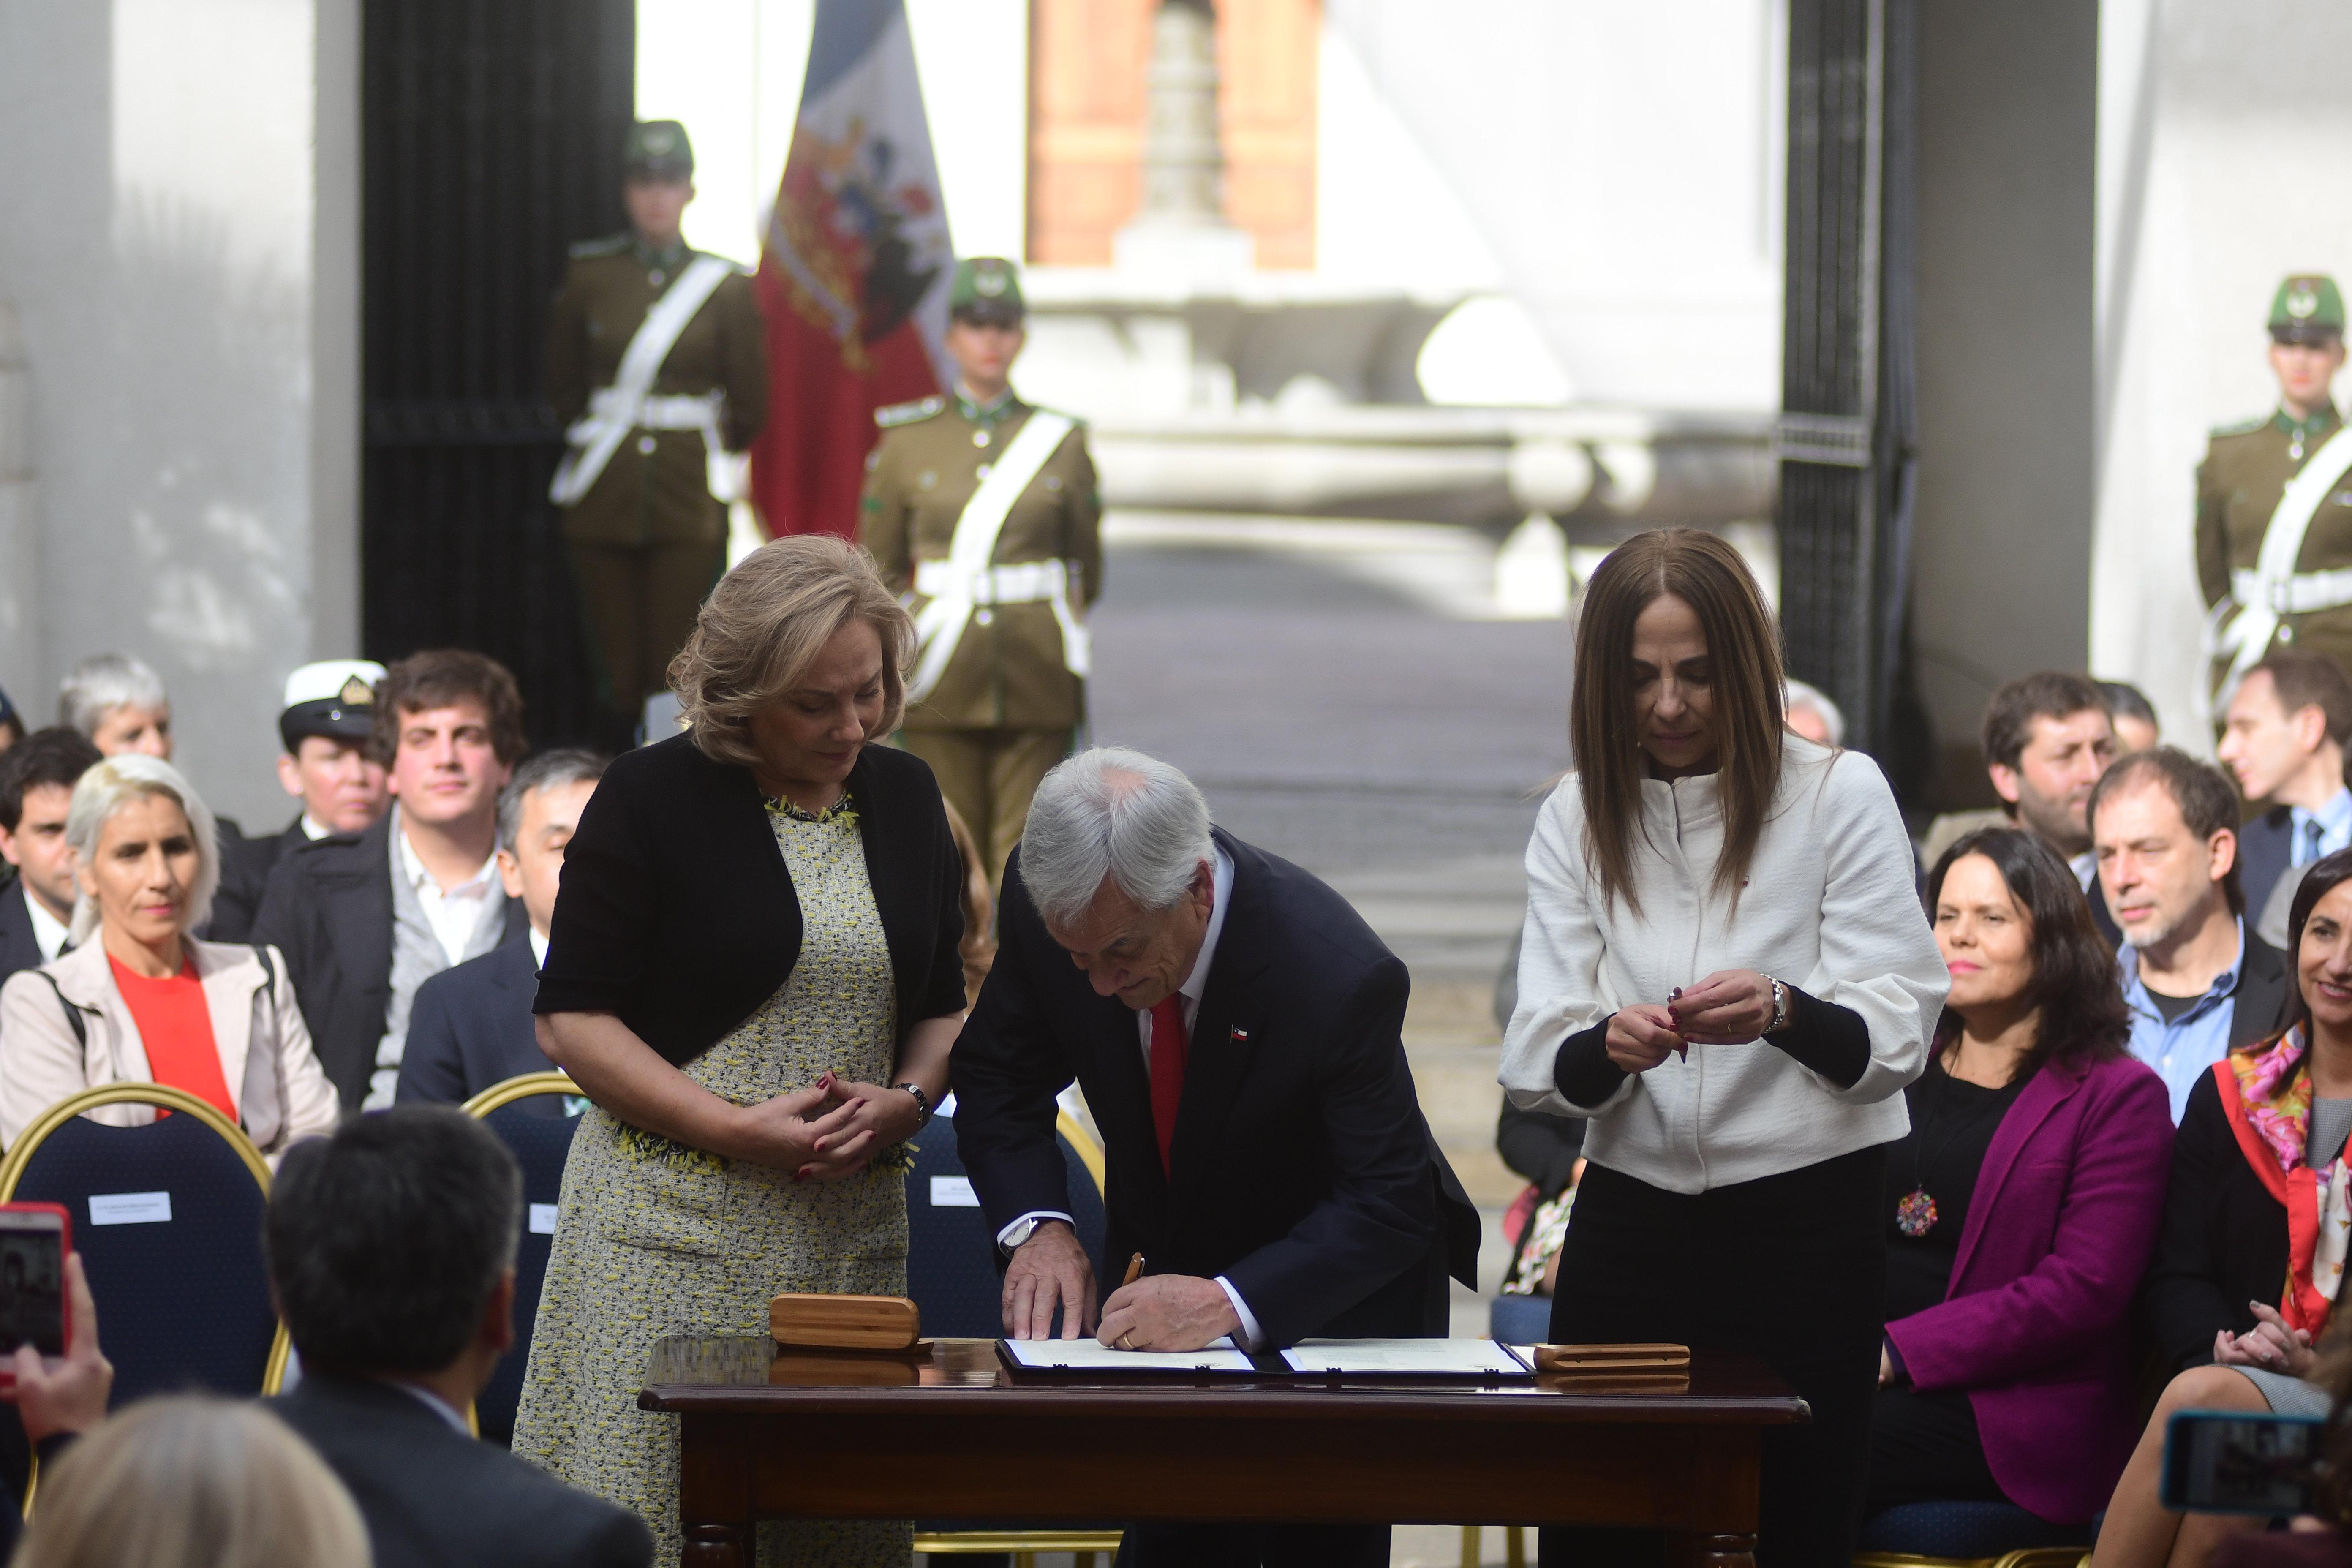 23 de mayo de 2018/SANTIAGO El Presidente de la República, junto a la Primera Dama, la Ministra de la Mujer y la Equidad de Género, y ministros, parlamentarios de todos los partidos políticos, y representantes de la sociedad civil, participa de un acto de presentación de la agenda de equidad de género del Gobierno. El presidente Sebastian Piñera, firma el instructivo junto a la primera Dama, Cecilia Morel y la ministra Isabel Pla. FOTO: SEBASTIAN BELTRÁN GAETE/AGENCIAUNO